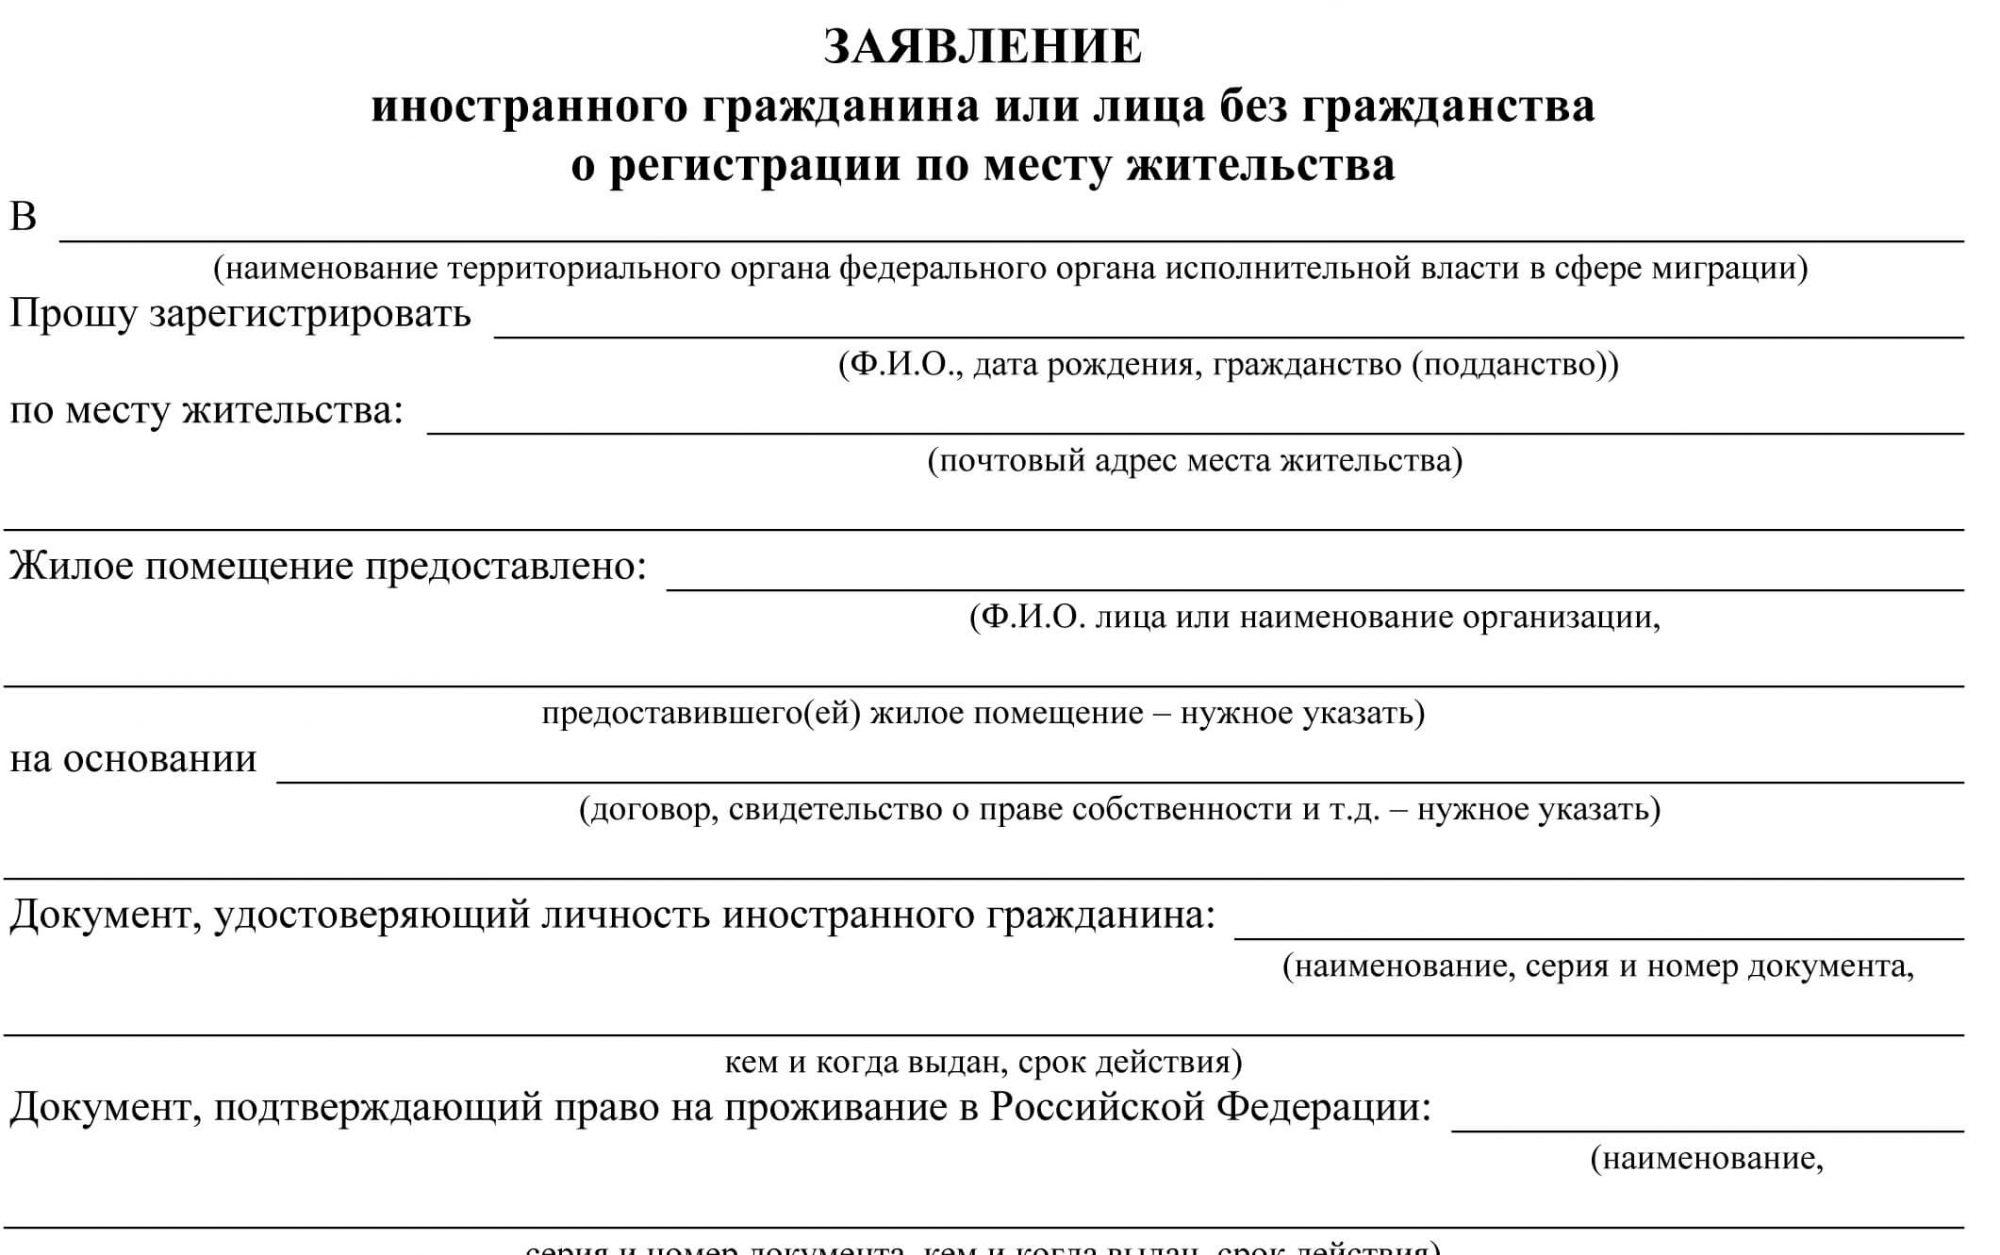 все Регистрация по месту жительства иностранного гражданина по браку например